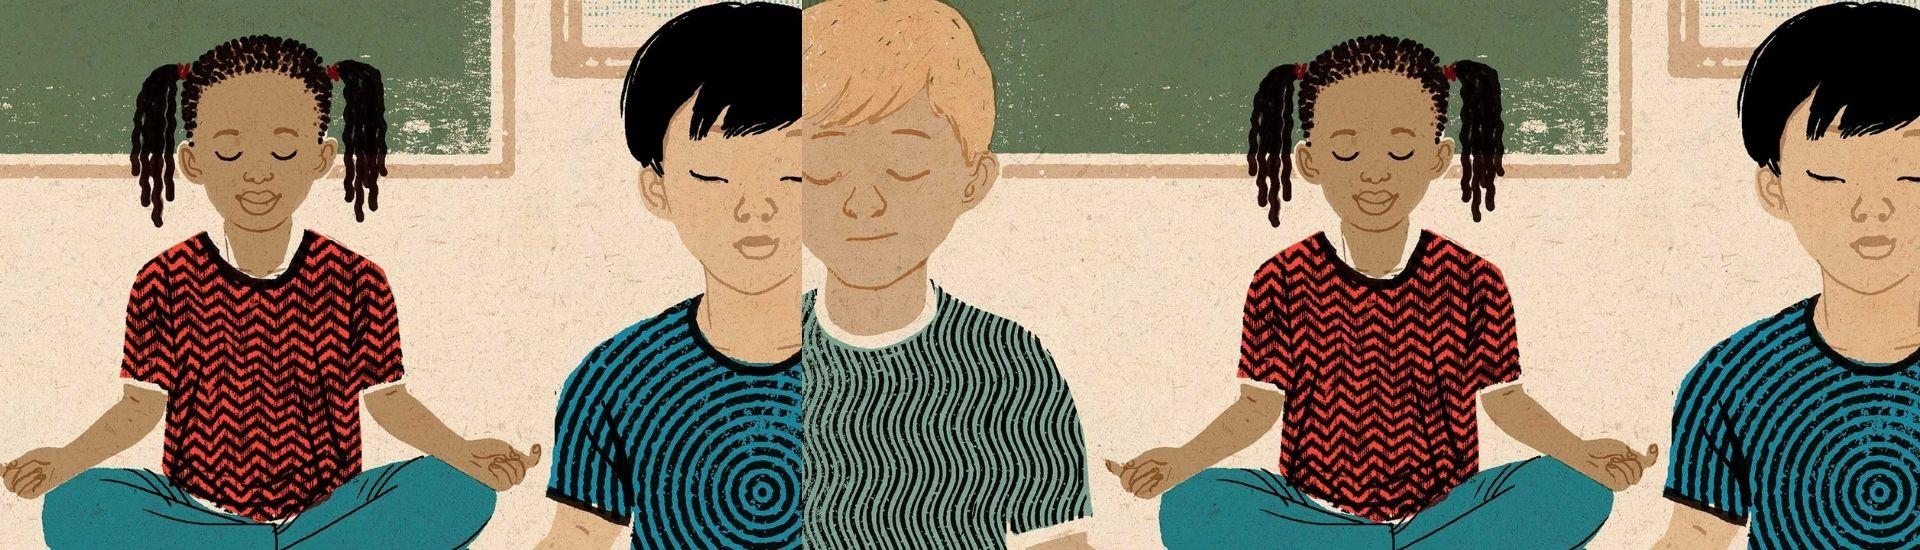 Ilustraciones niños meditando